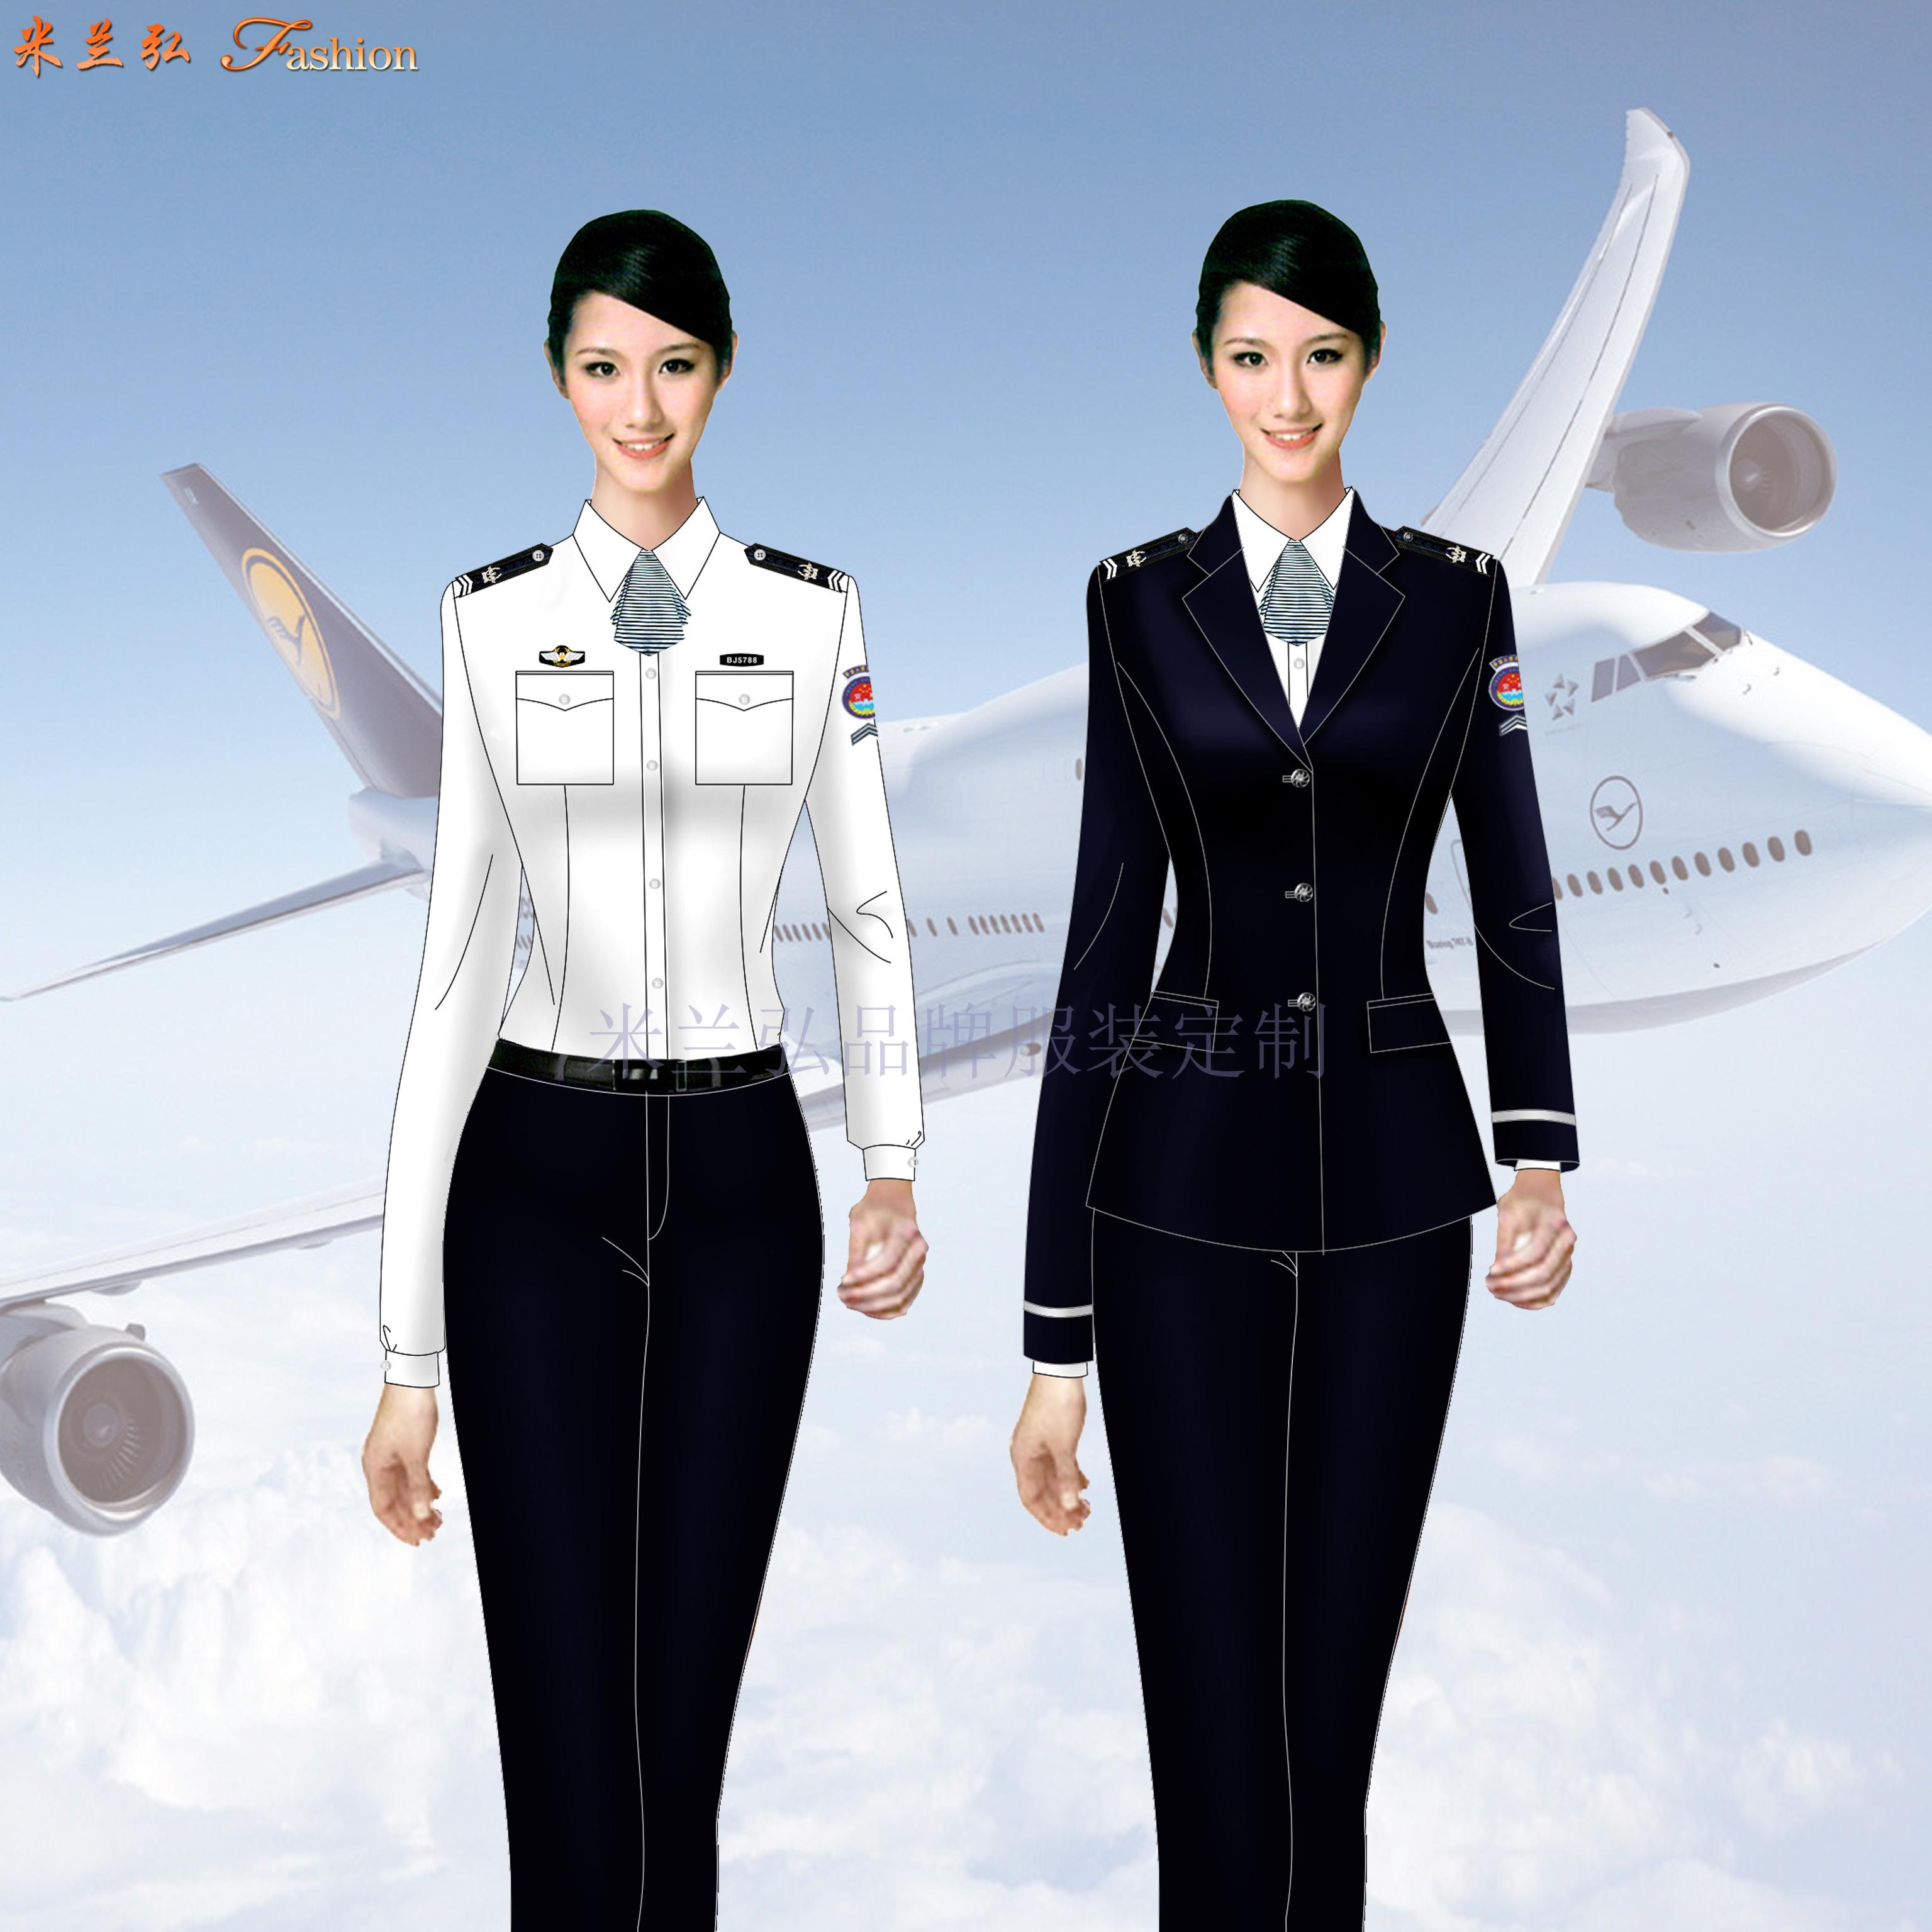 「安檢服定製」「機場安檢服定做」「航空安檢服訂製」-2